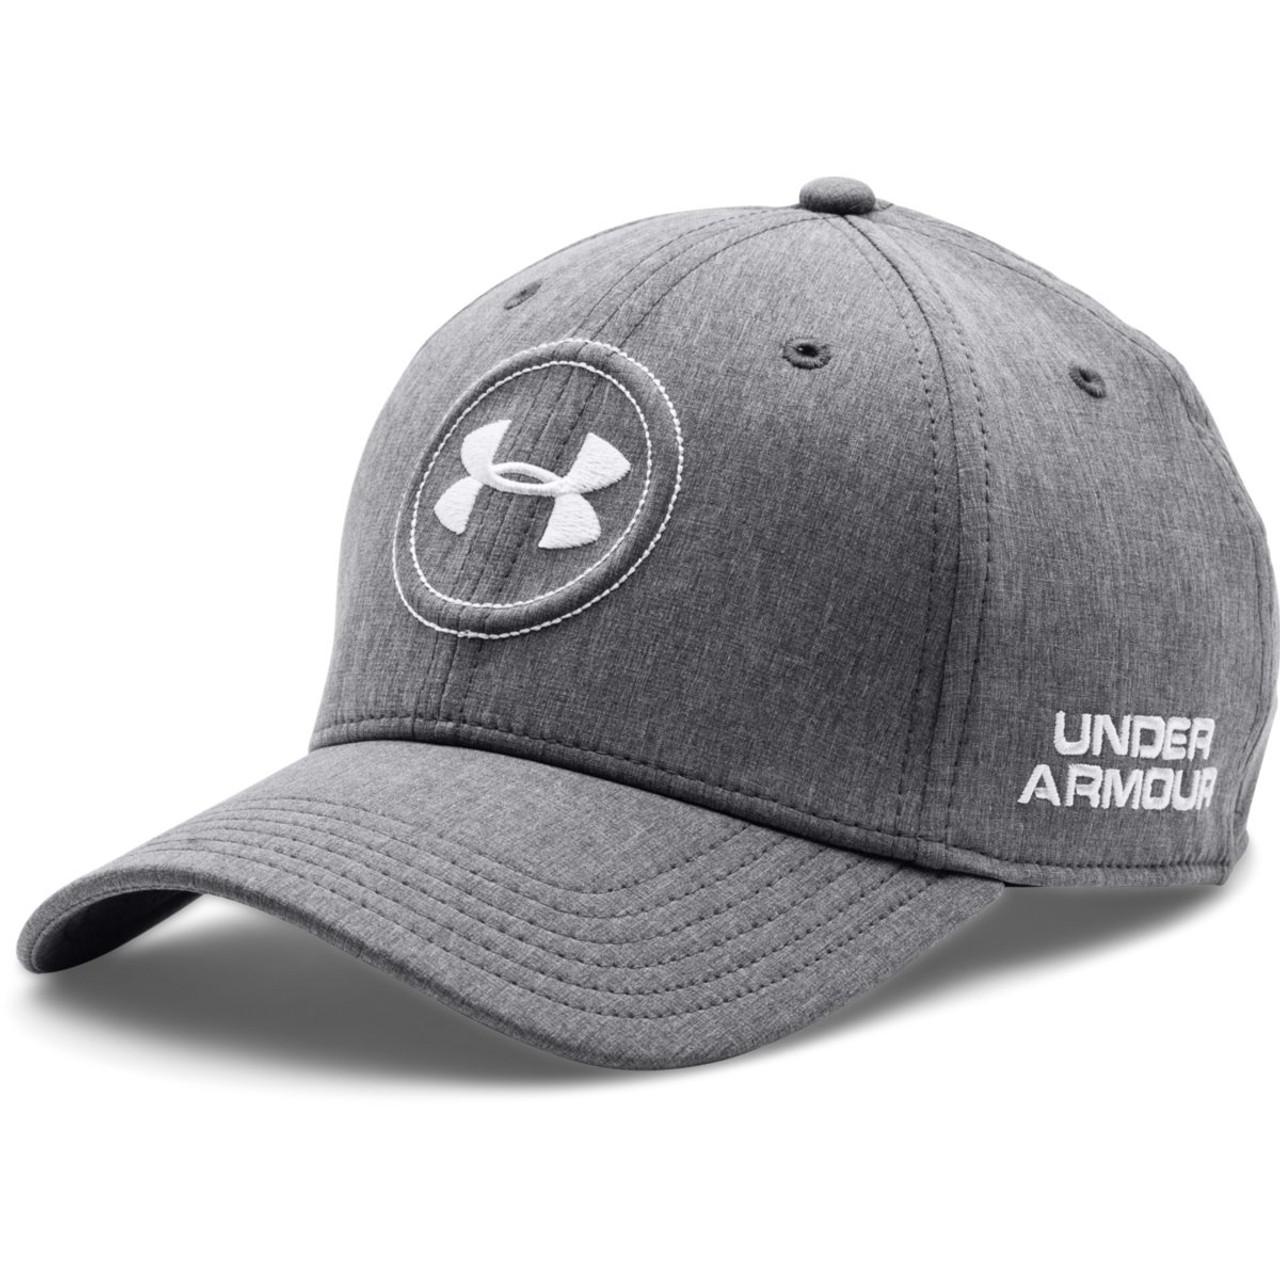 c84c7b422 Under Armour Golf Men's Official Tour Cap - Charcoal/White